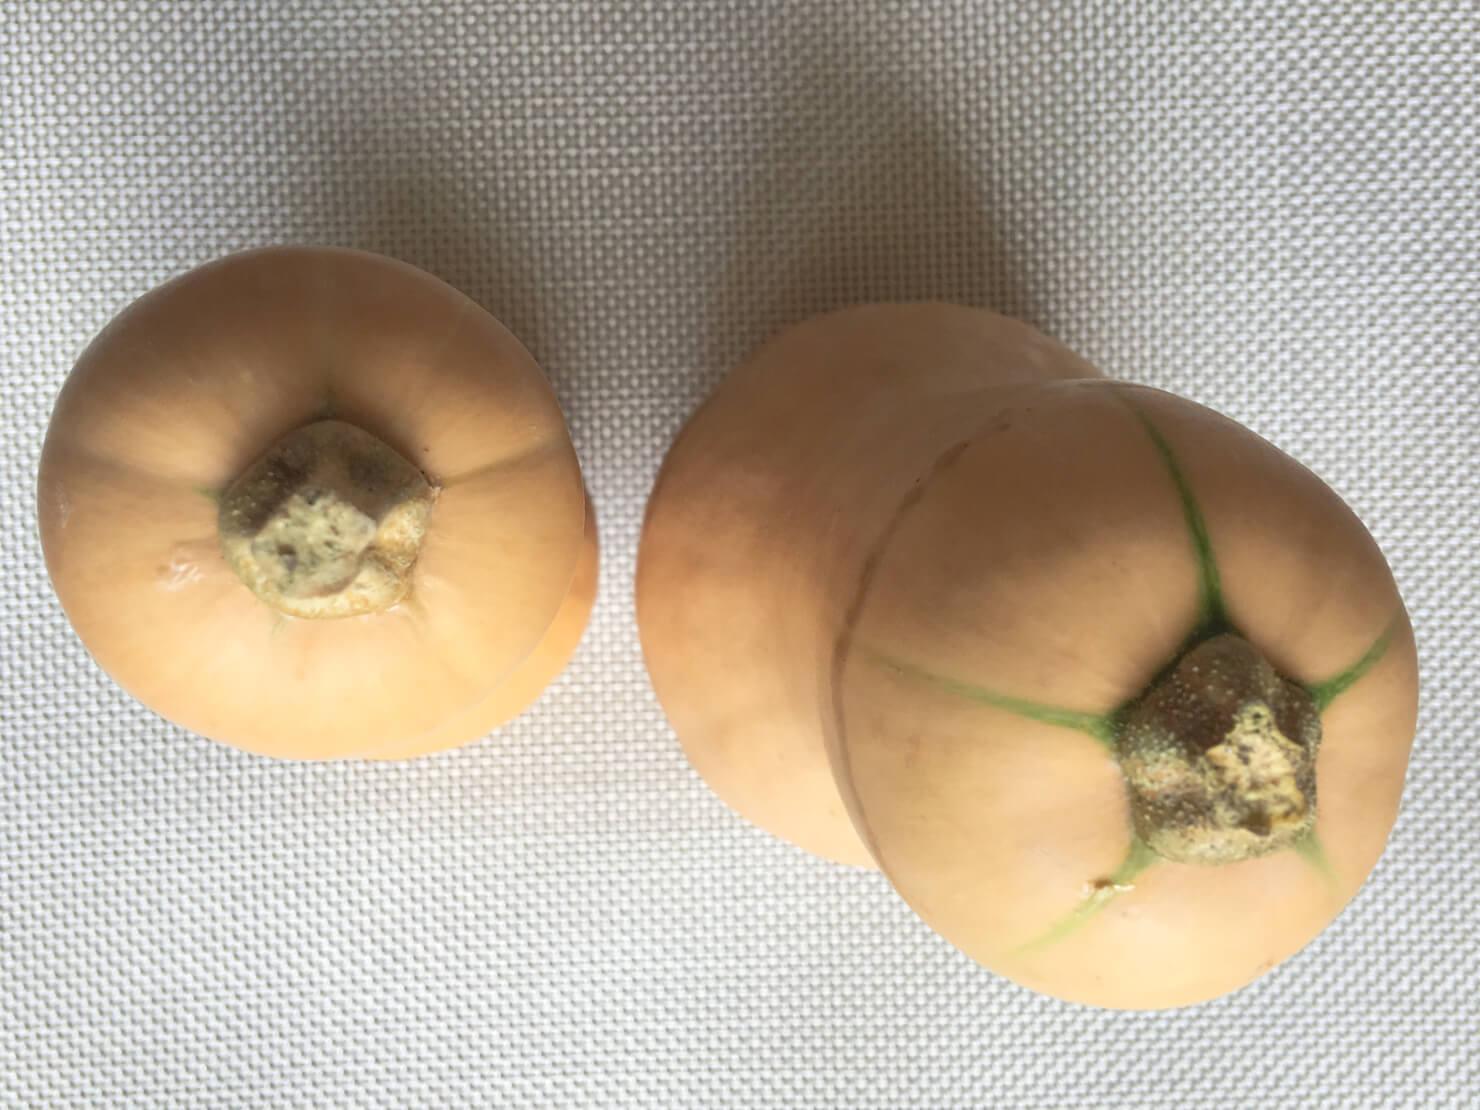 バターナッツかぼちゃの上部の緑色の筋が薄いものと濃いものの写真